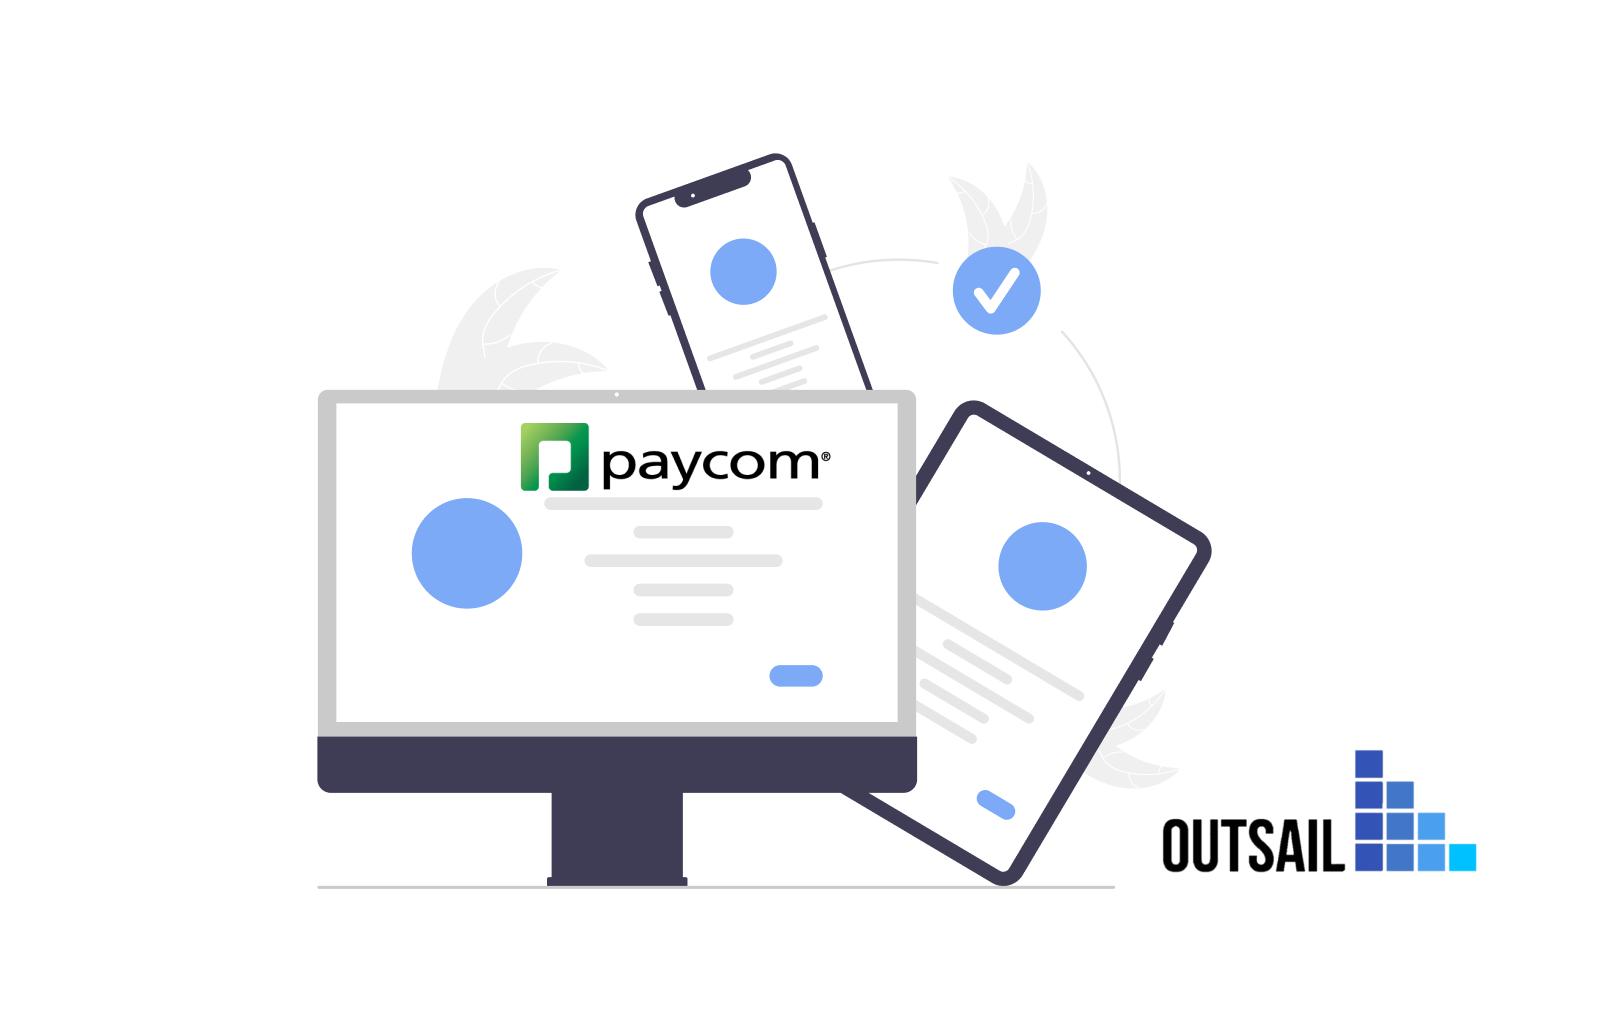 Paycom Reviews - Pricing, Pros/Cons, User Reviews